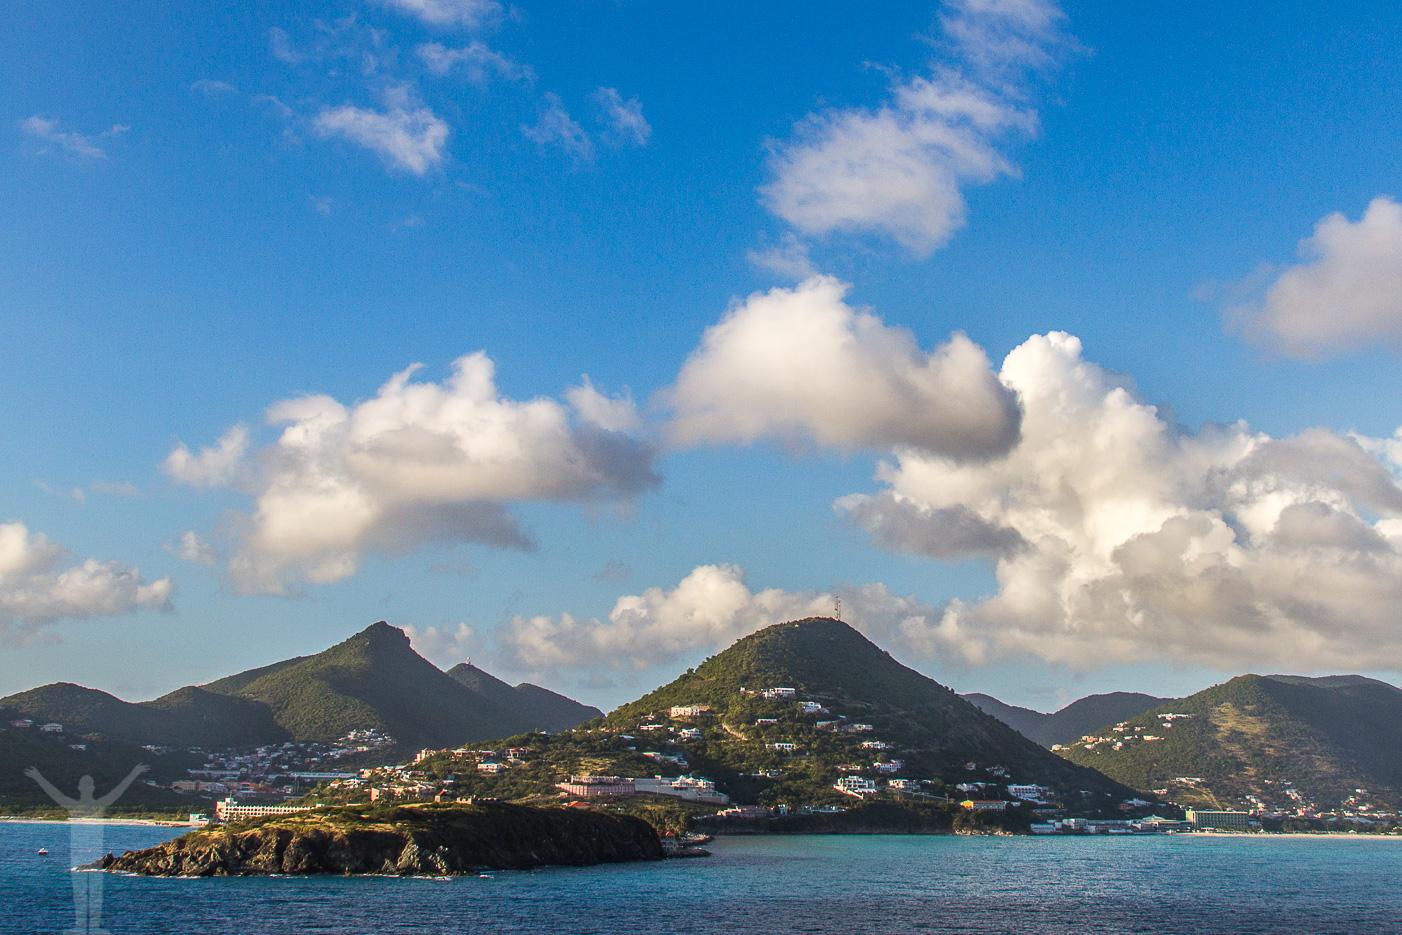 St Maarten i Karibien